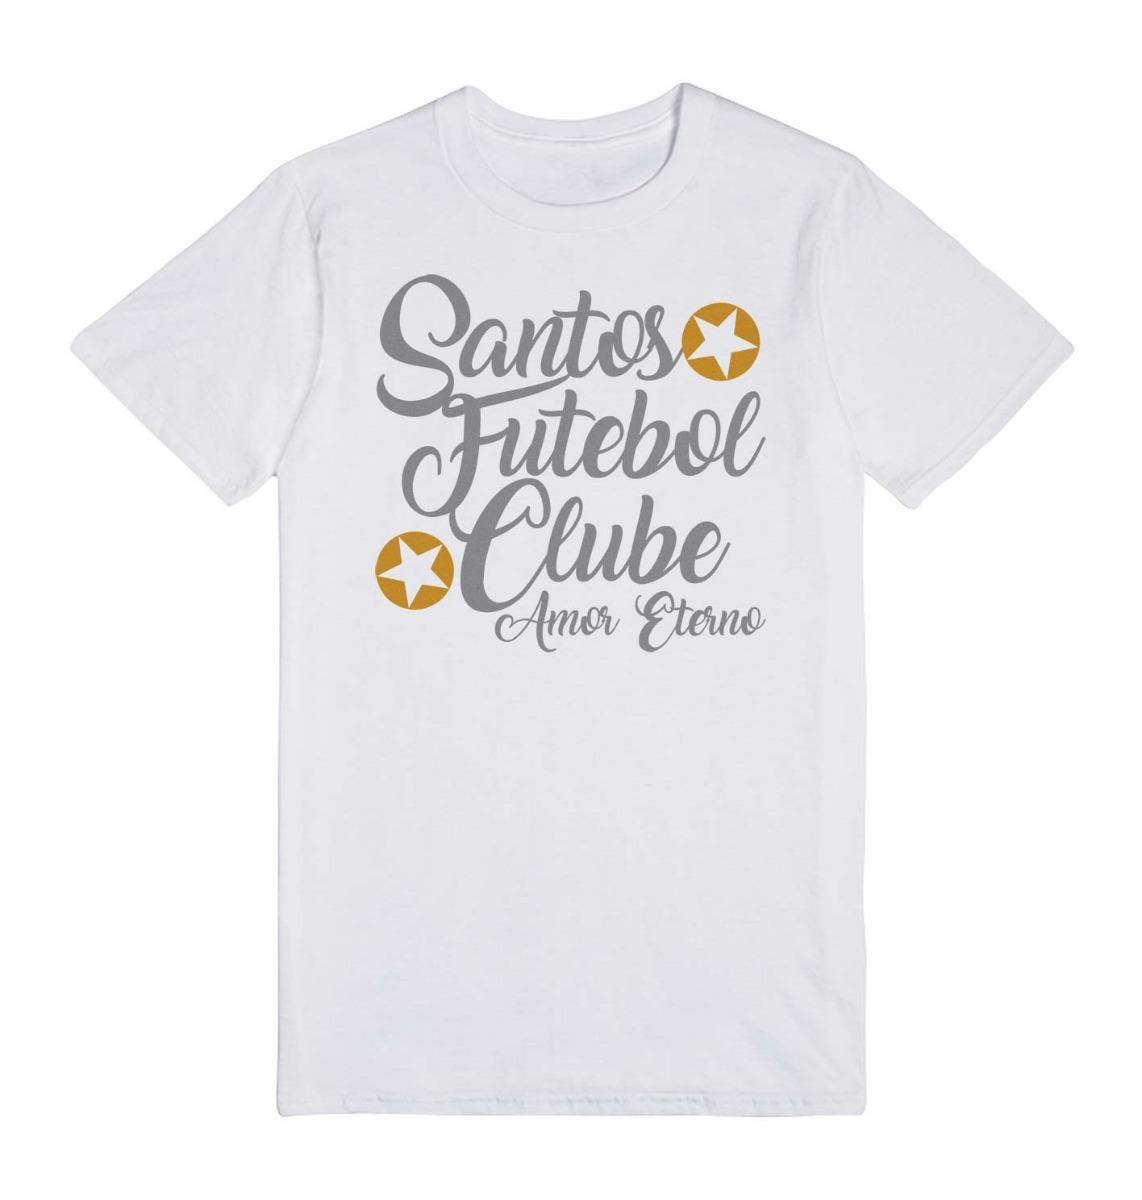 1a90ecad31 Camisa Do Santos Amor Eterno - Camiseta Do Santos - R  34